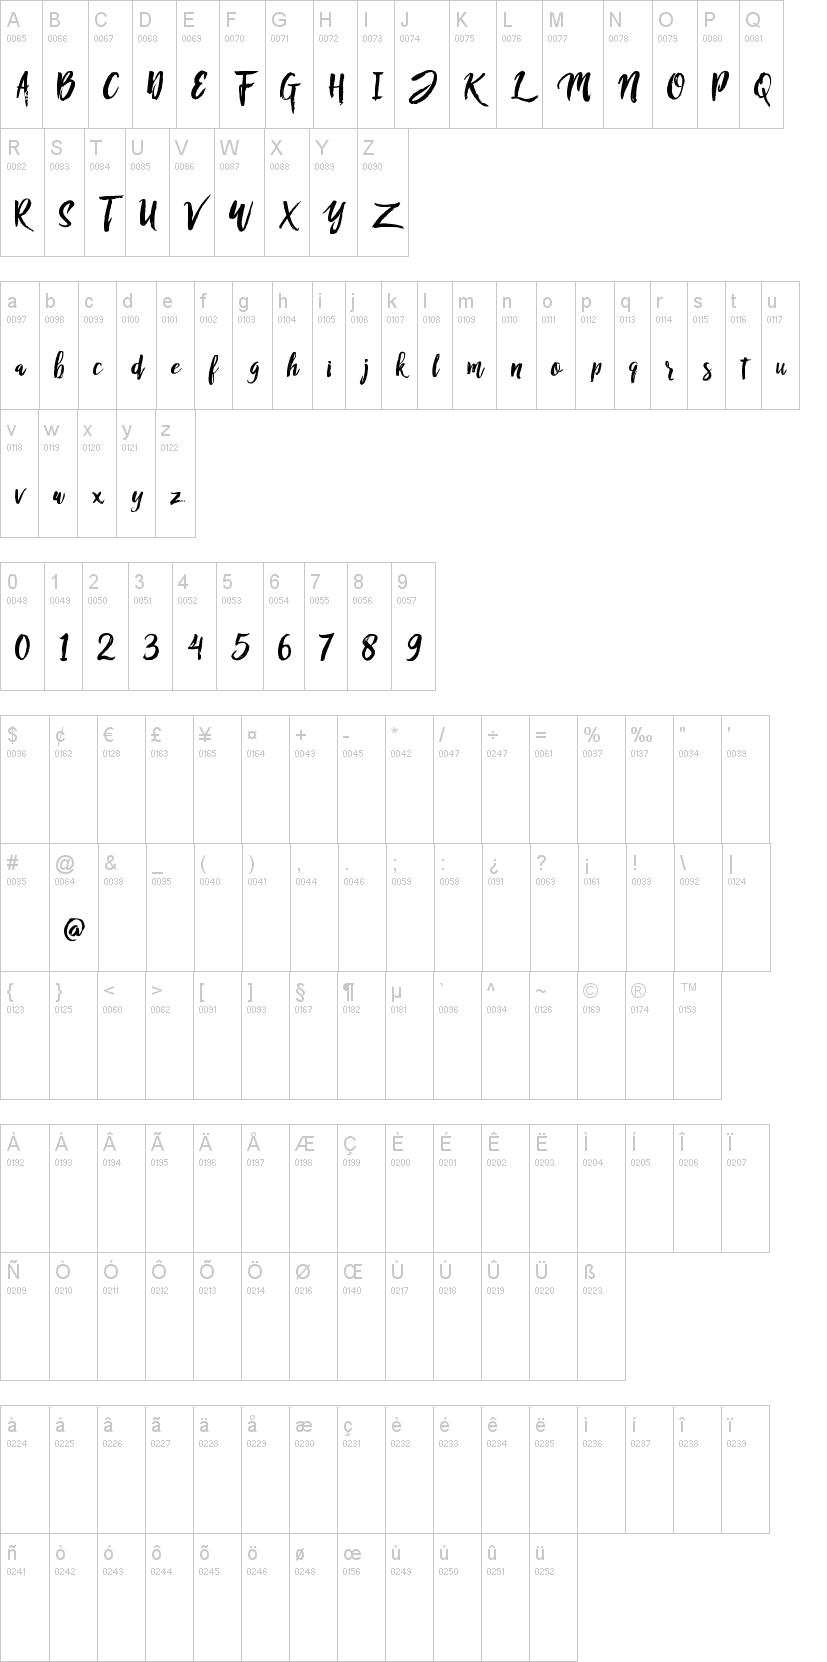 Rofi Font Size